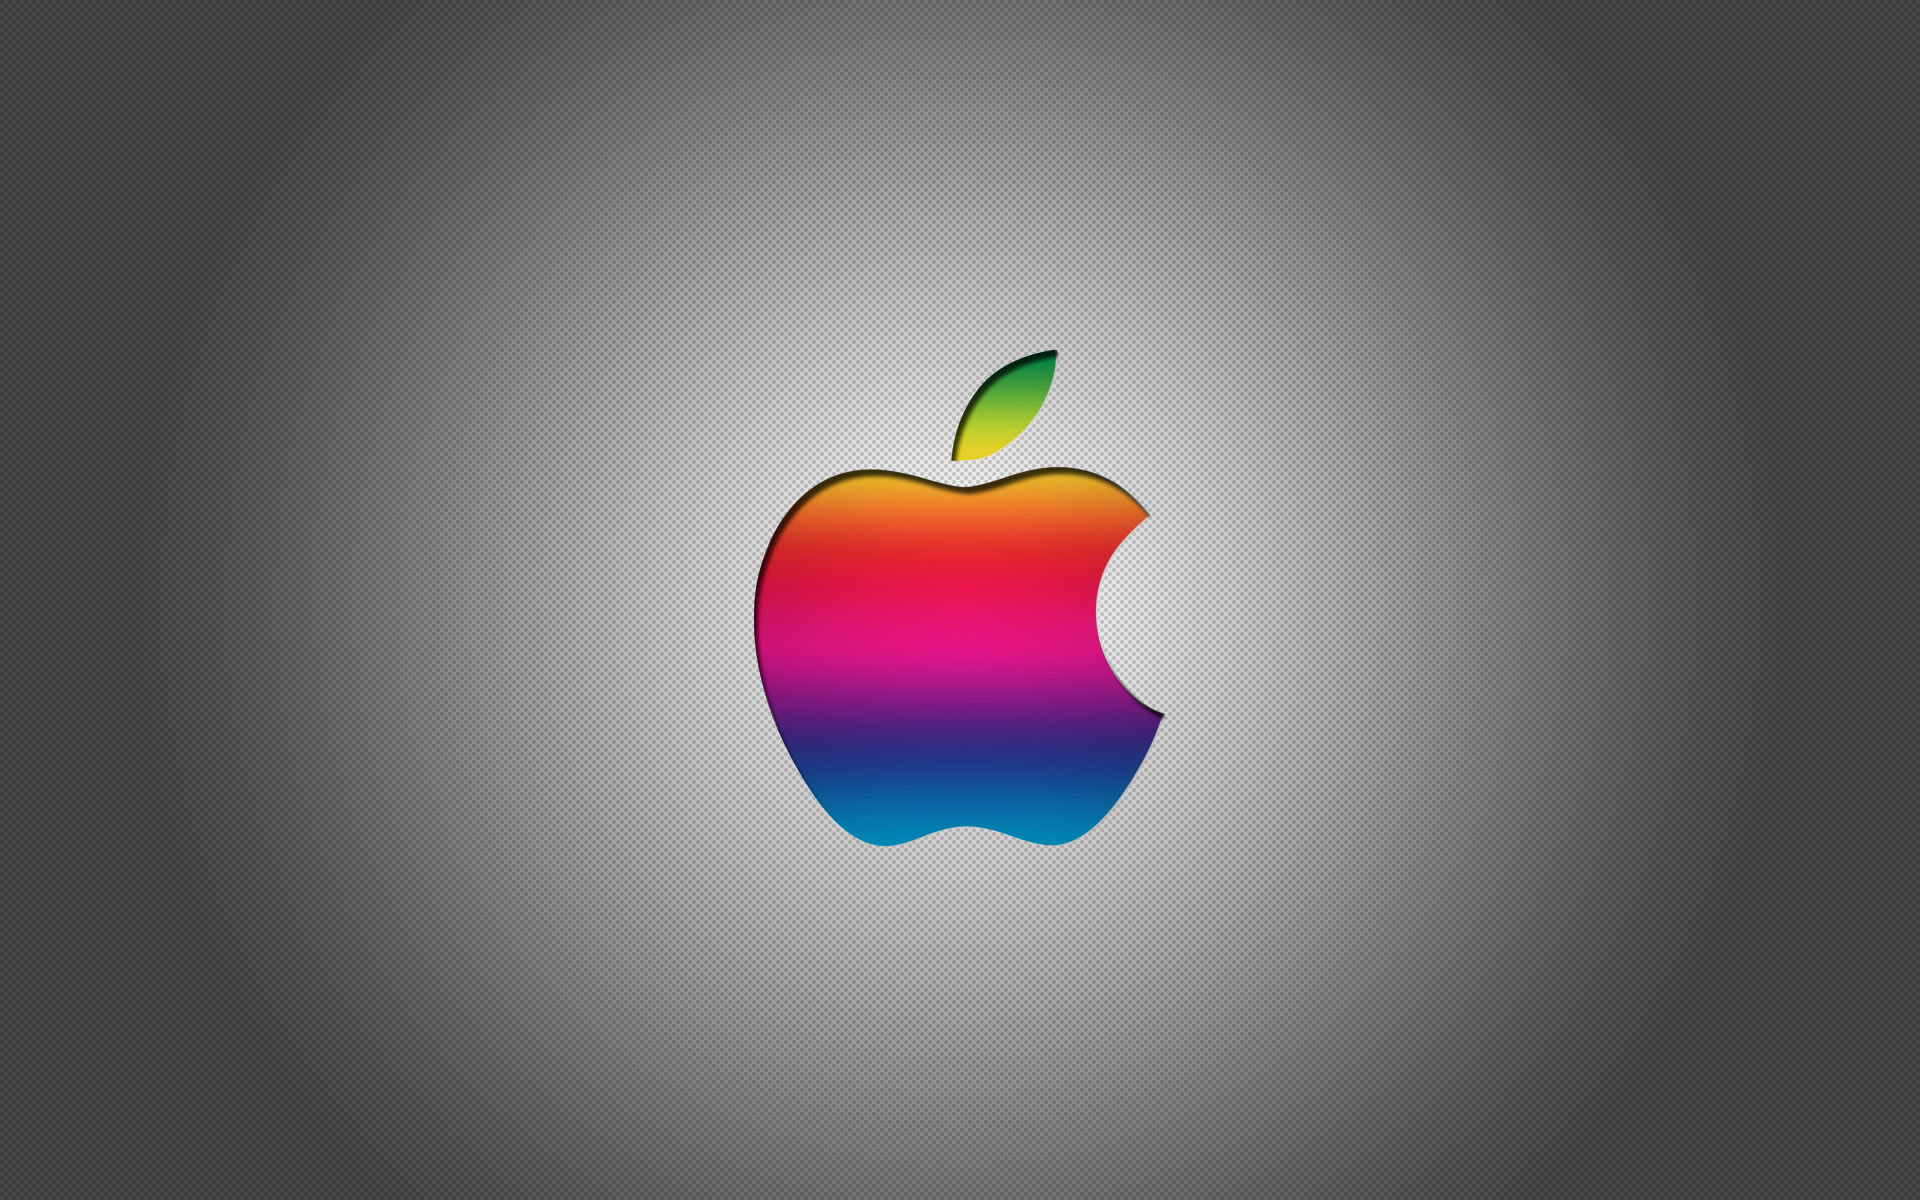 Wallpaper   Wallpaper apple mac animaatjes 1 1920x1200